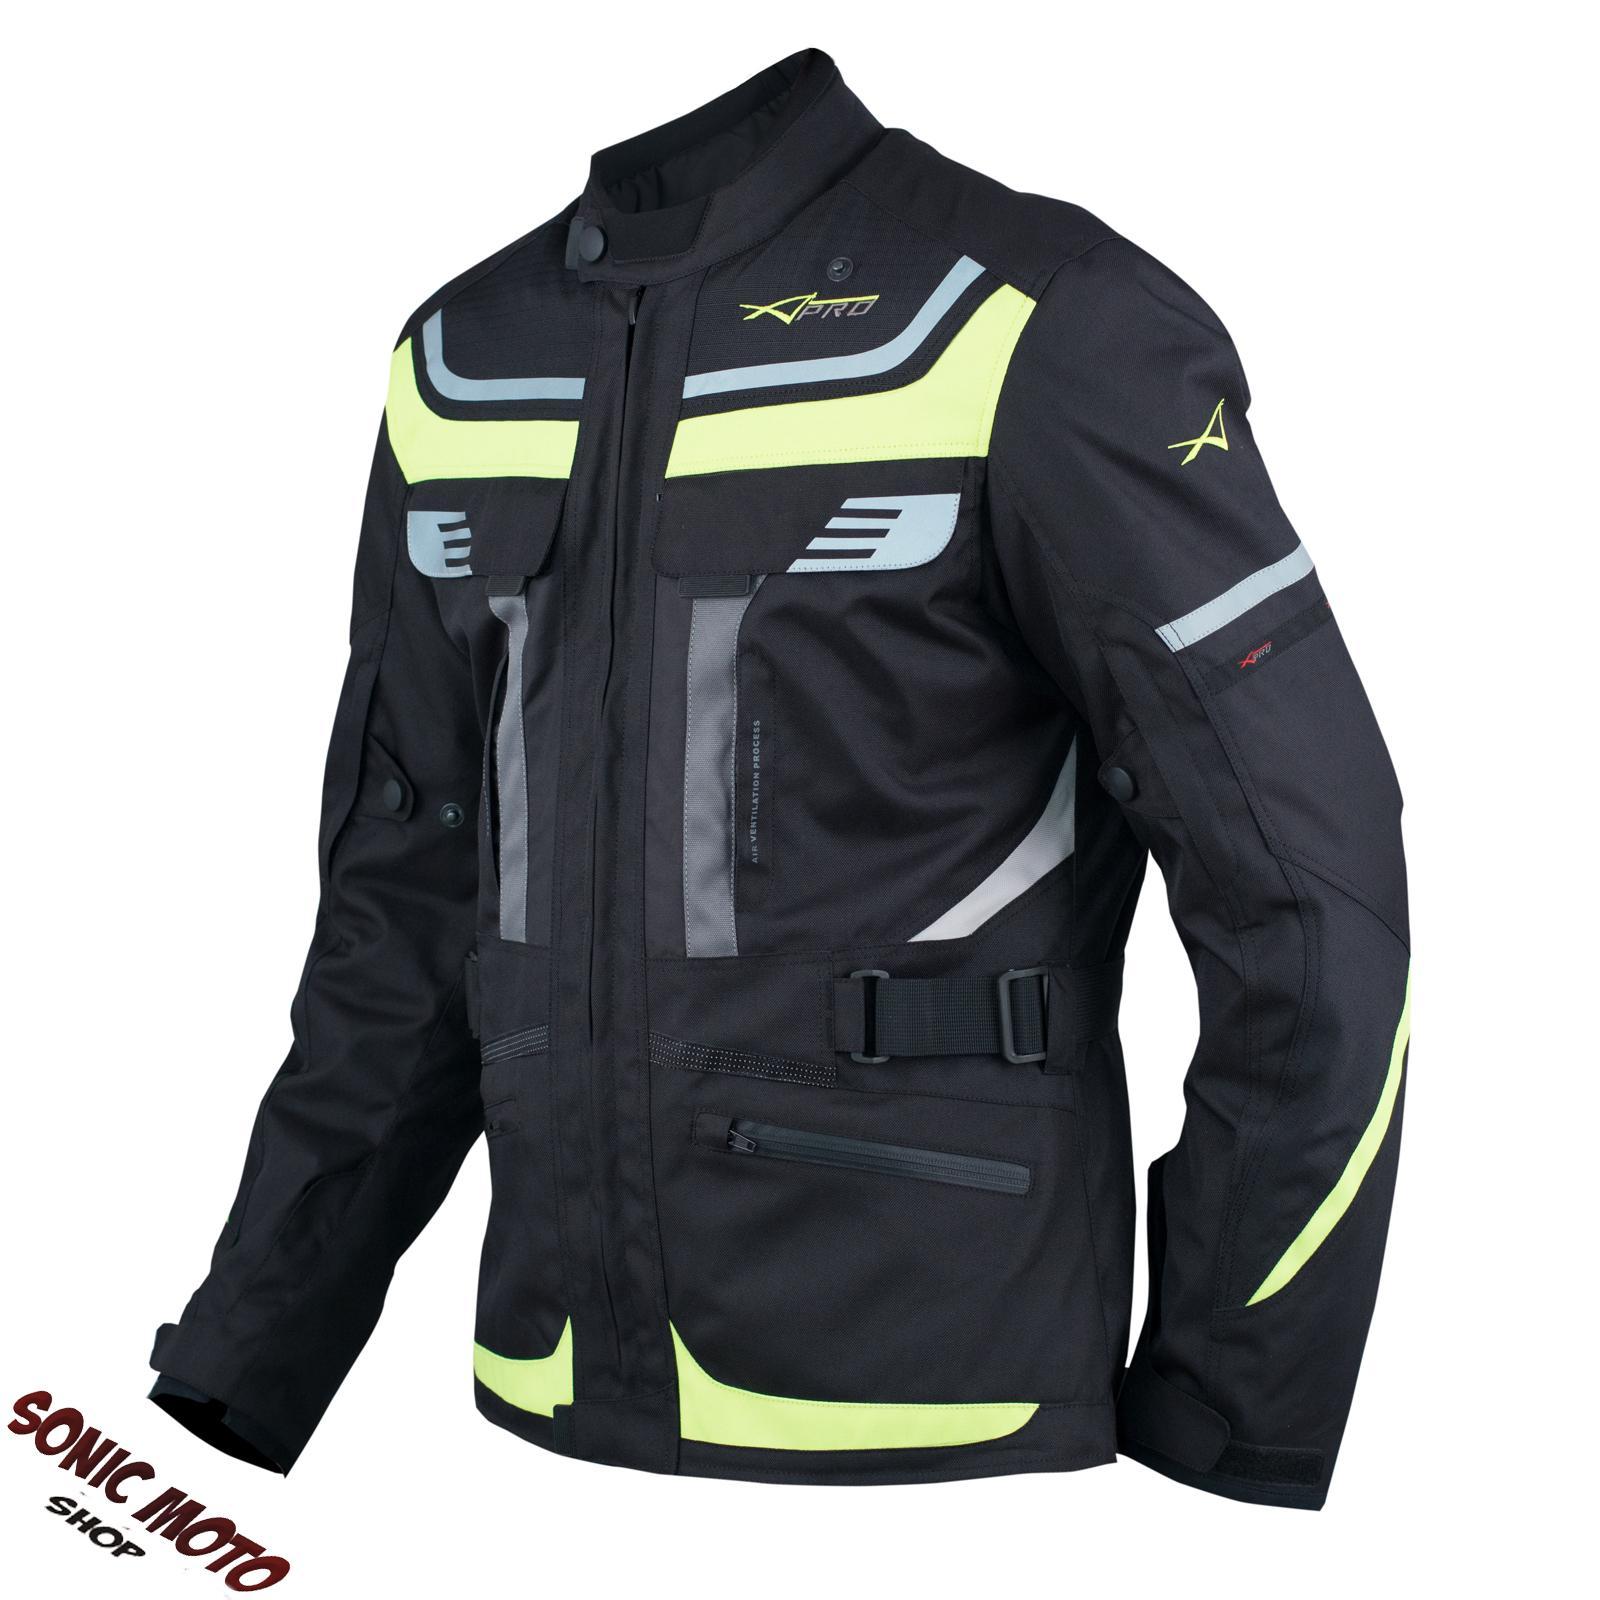 Giacca-Moto-Scooter-Tessuto-Protezioni-CE-Impermeabile-Riflettente-Fluo